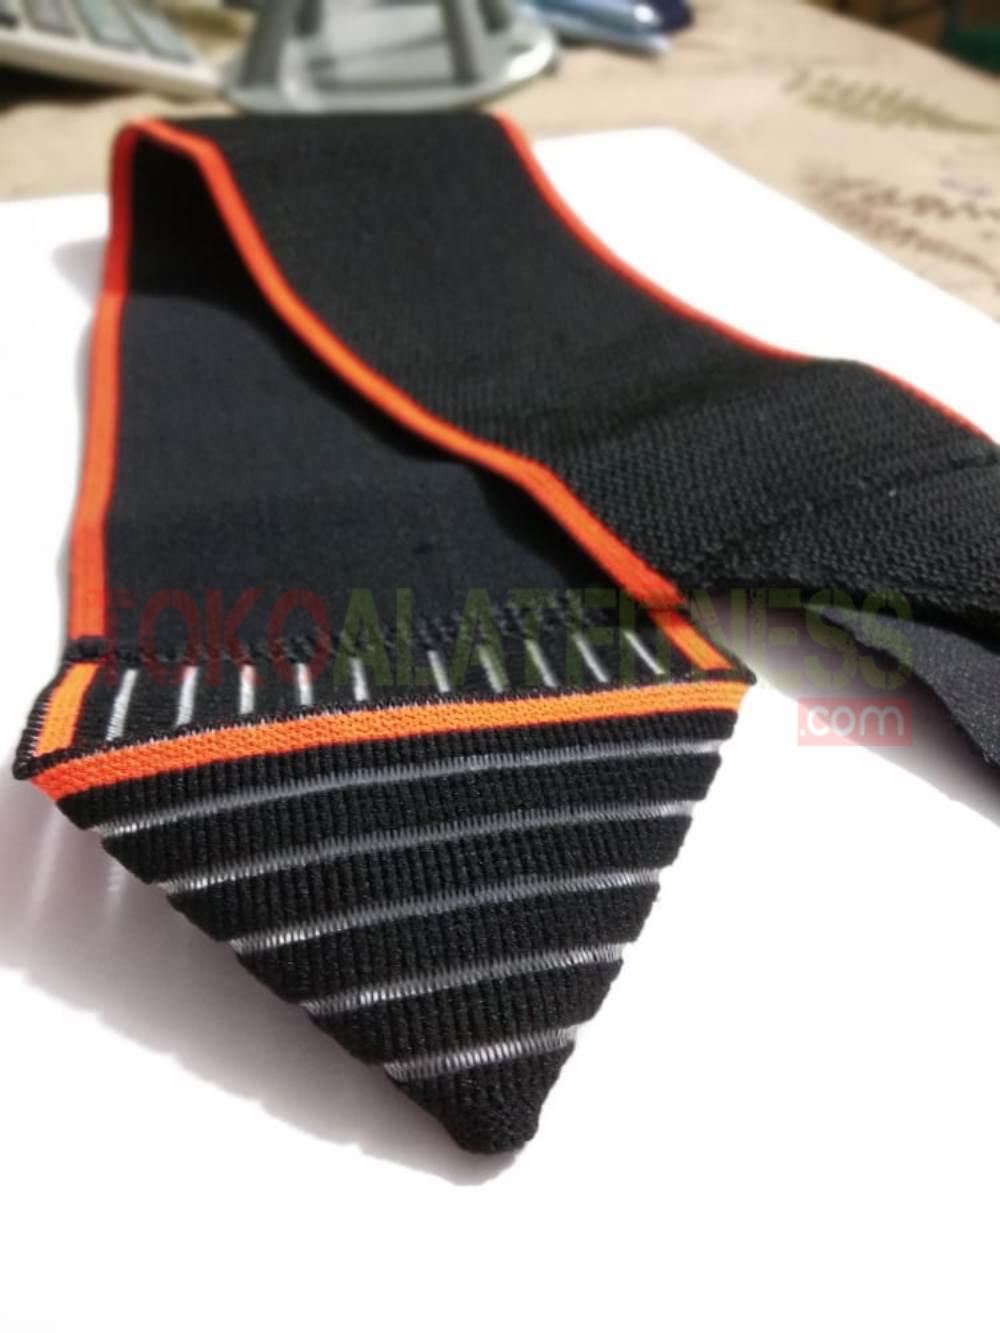 AOLIKES WRIST BAND WTM 7 - Hand Sprain Bandage, Black Orange Warps